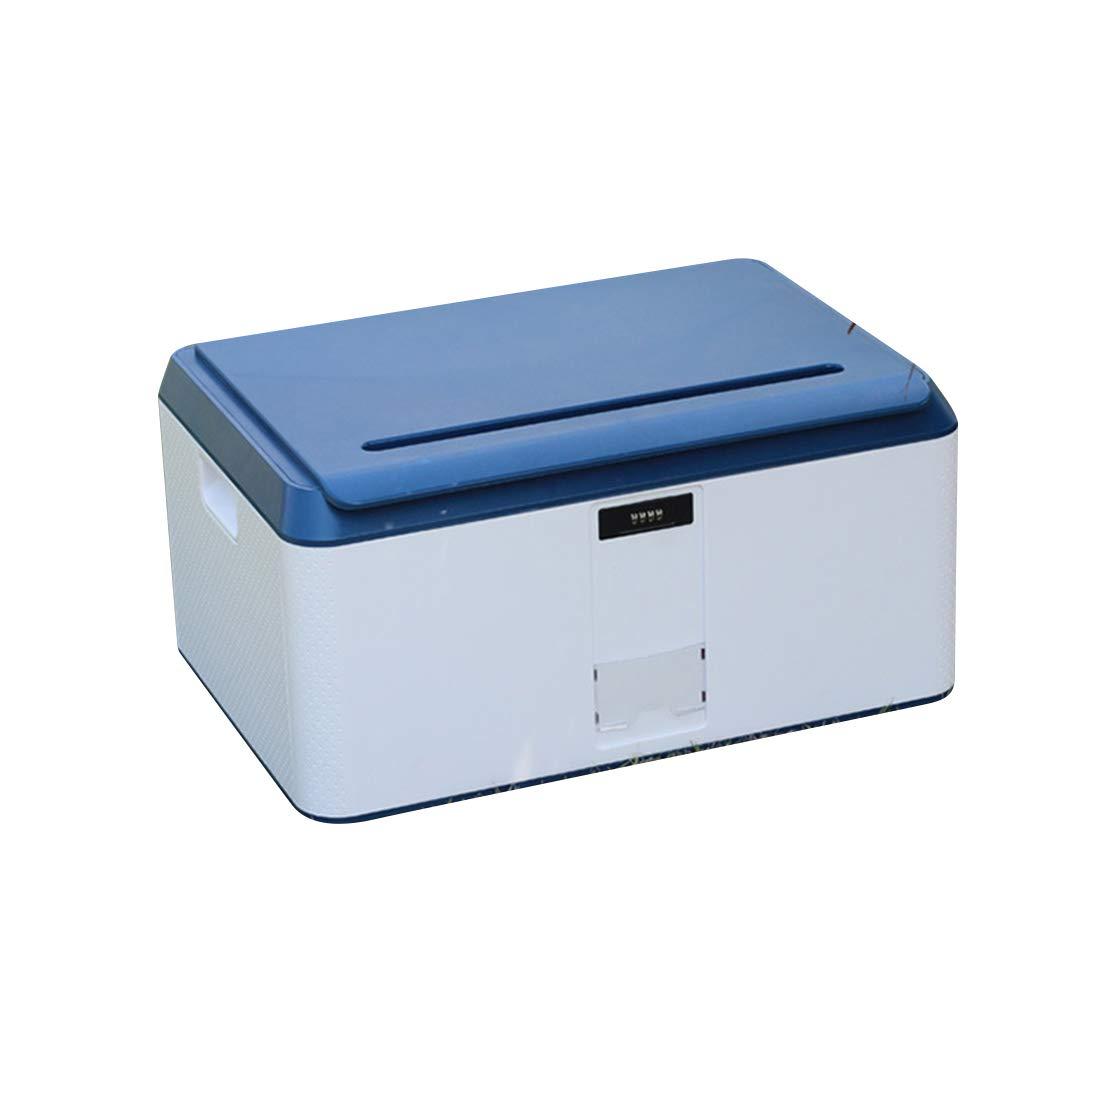 MHKBD-JP多機能メカニカルロックボックス/大容量回収ボックス 収納ケース (色 : Blue 78L, サイズ : 46*28*24.5cm) B07T531C2B Blue 78L 46*28*24.5cm